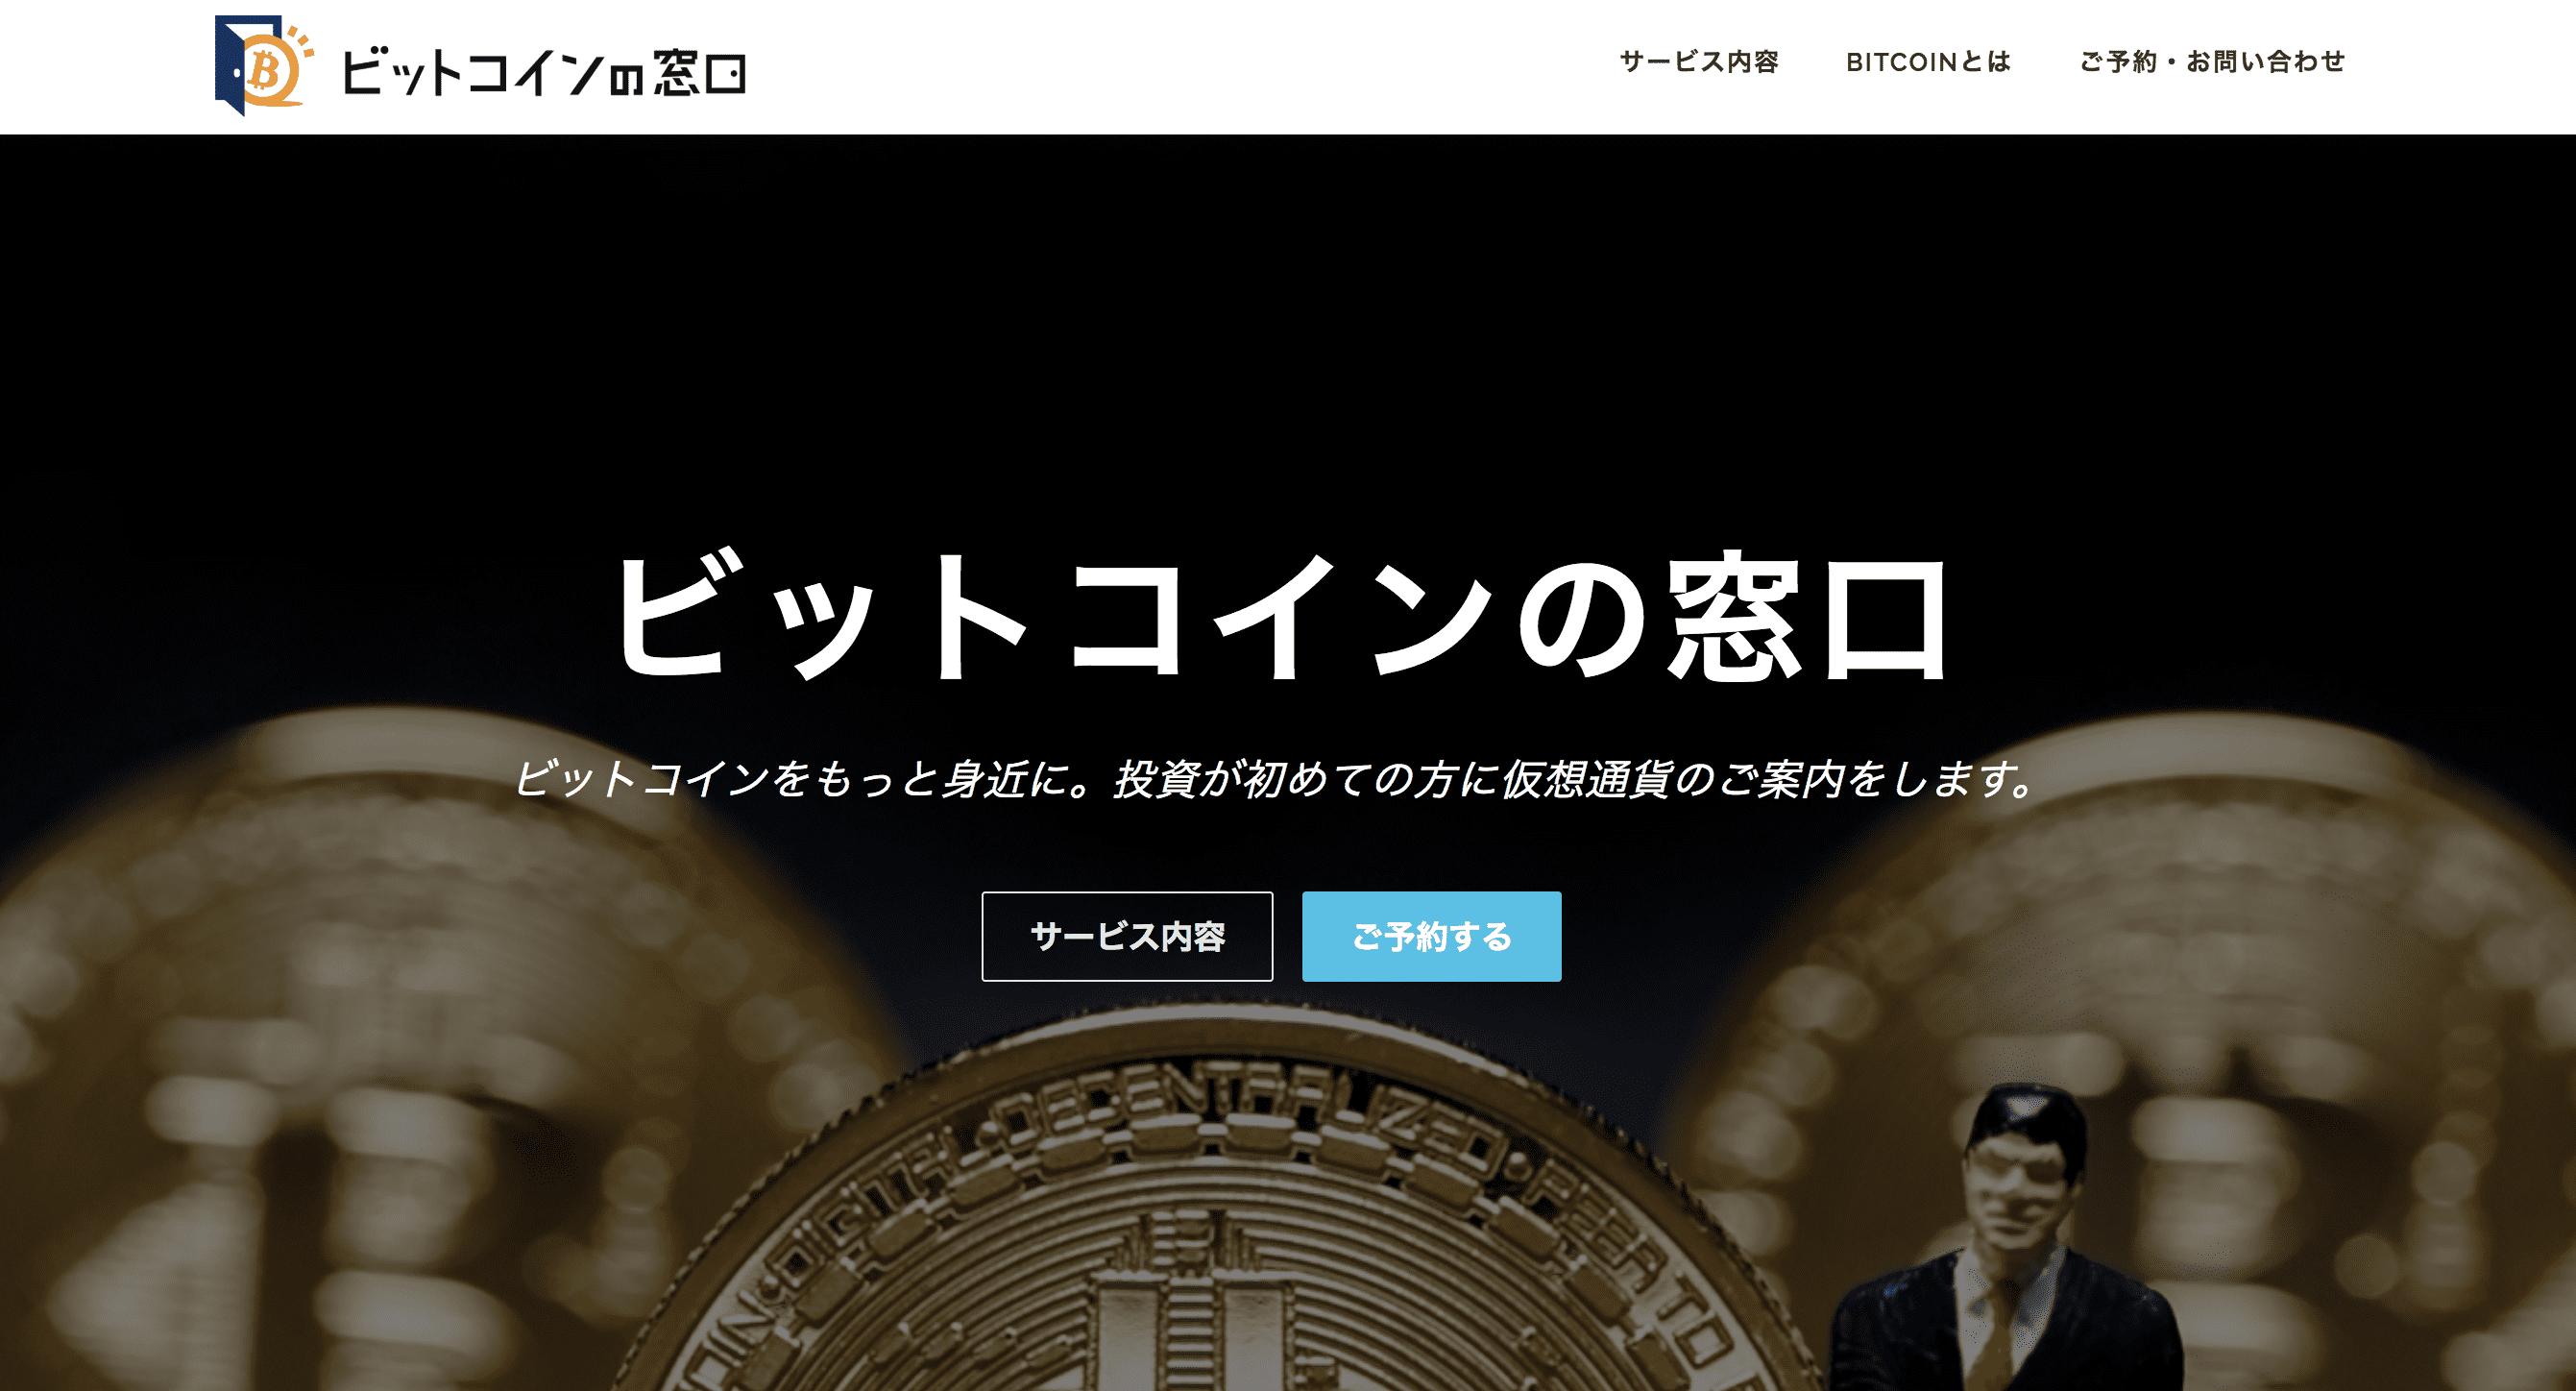 実店舗オープンの「ビットコインの窓口」が仮想通貨メディア「ゼロはじ」と提携